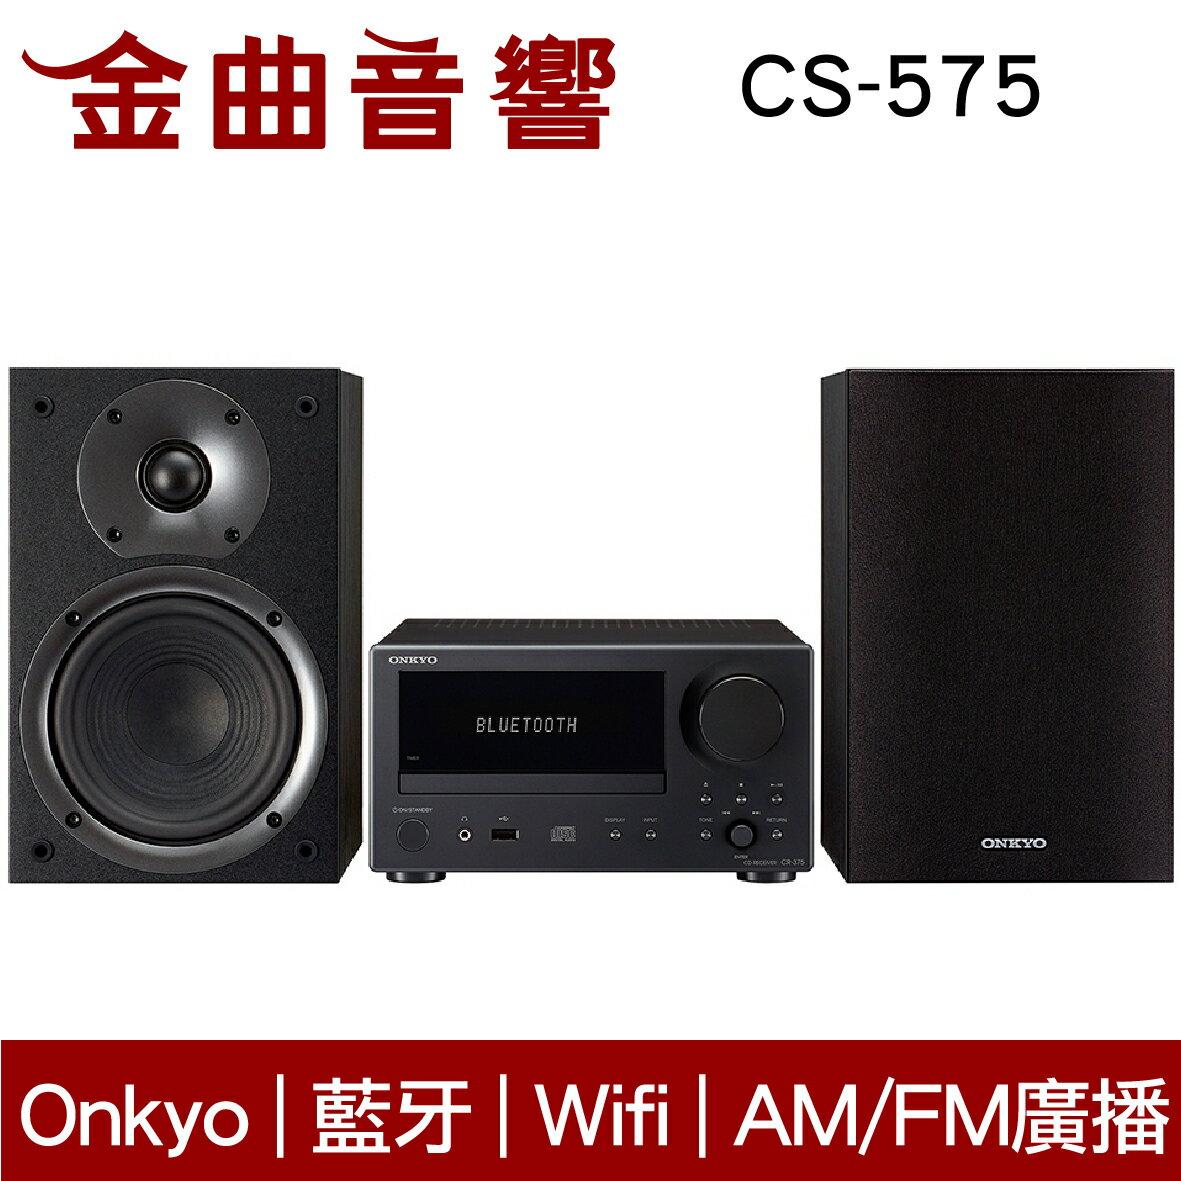 Onkyo 安橋 CS-575 收音機 CD組合音響 床頭音響 CS575 | 金曲音響